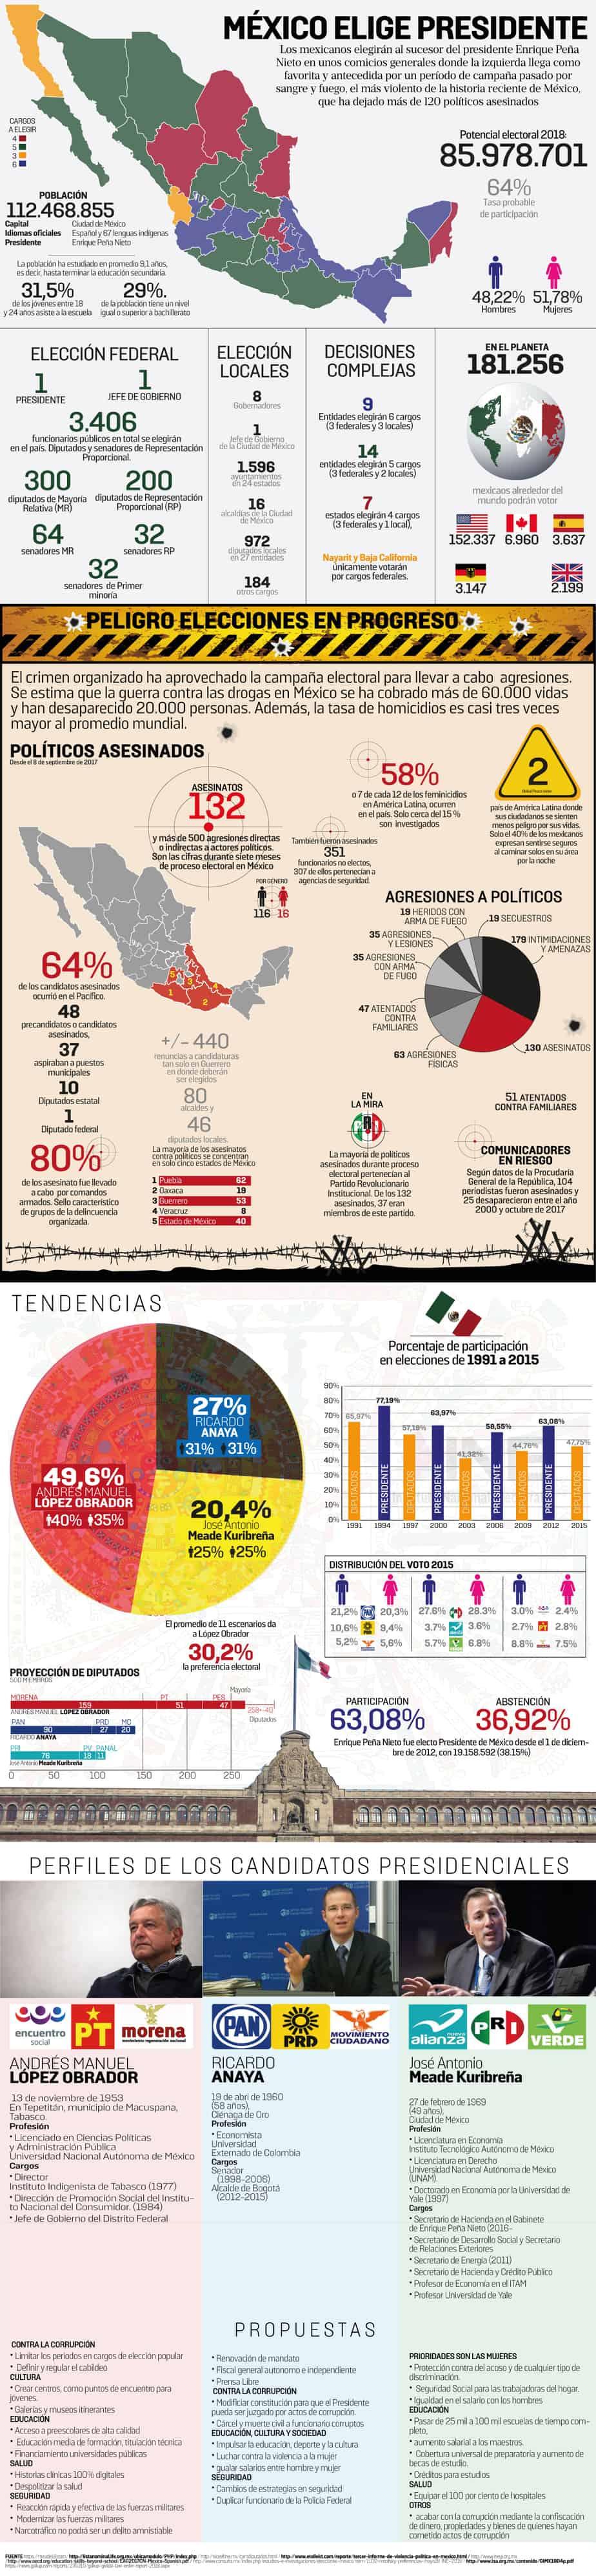 Elecciones en México 2018